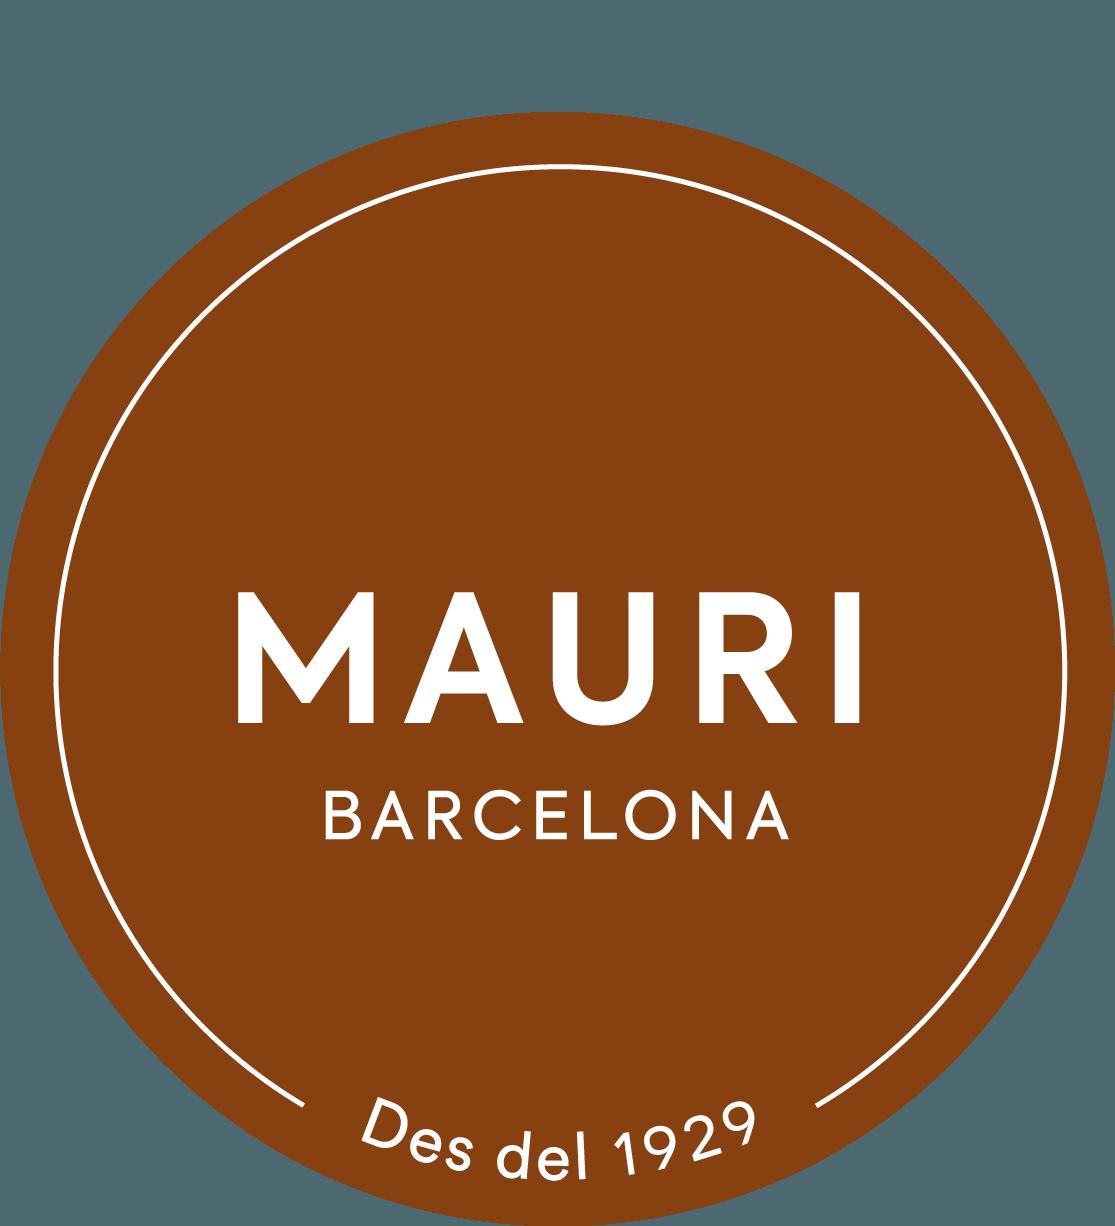 Mauri Barcelona